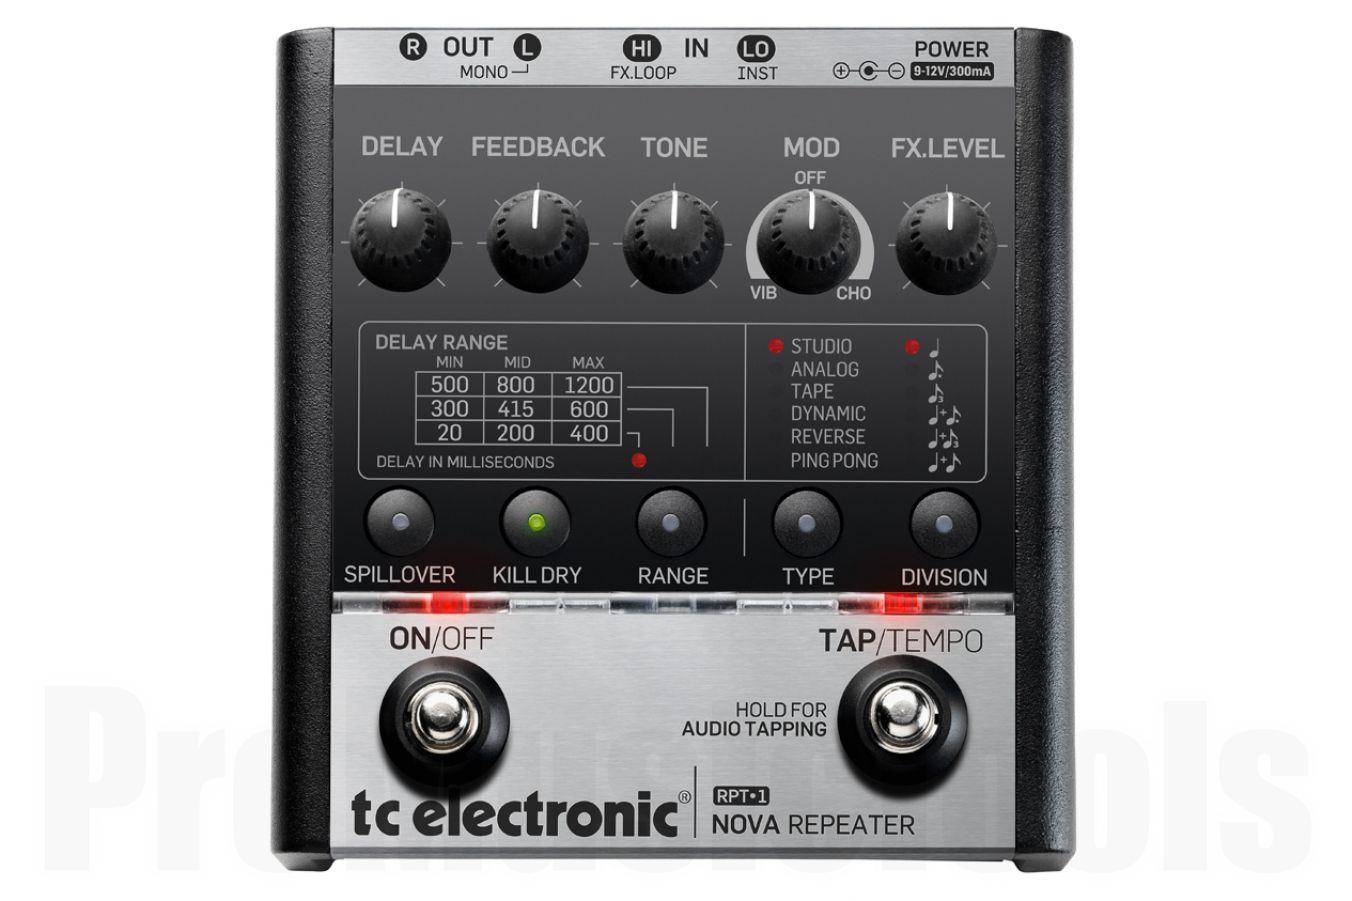 TC Electronic RPT-1 Nova Repeater - b-stock (1x opened box)